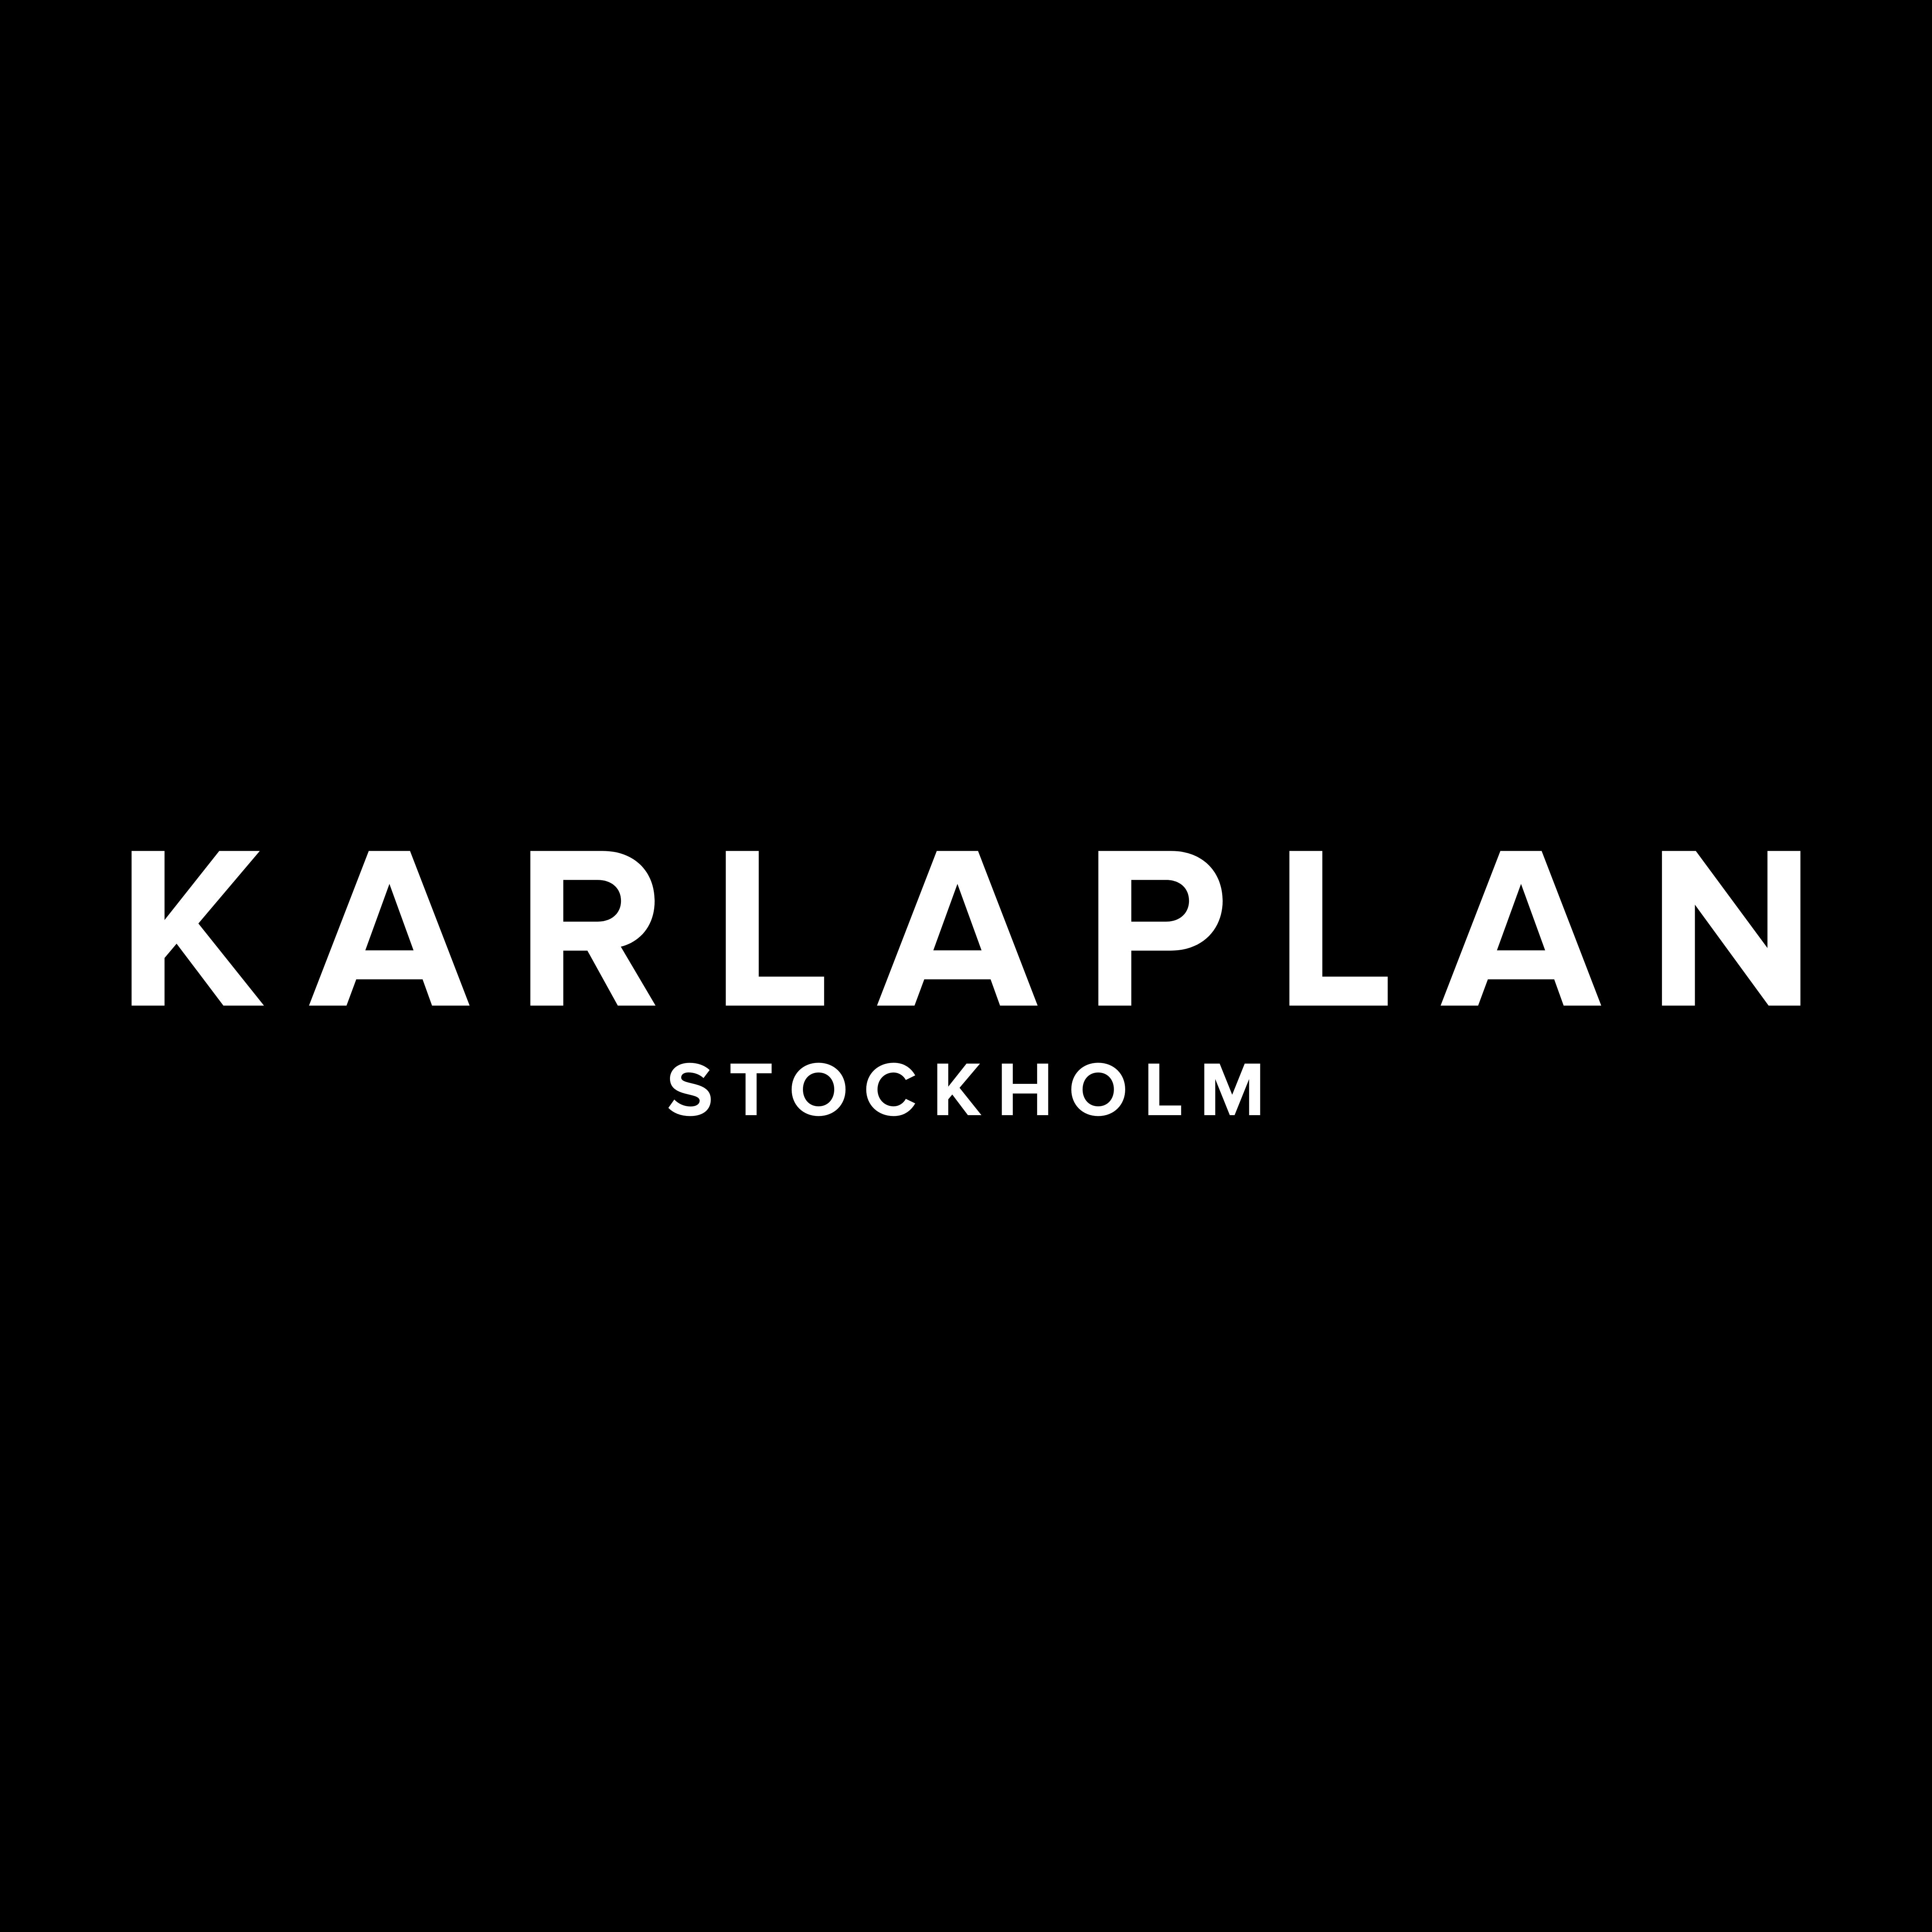 Logo Karlaplan - Stockholm - @karlaplan - karlaplan.com